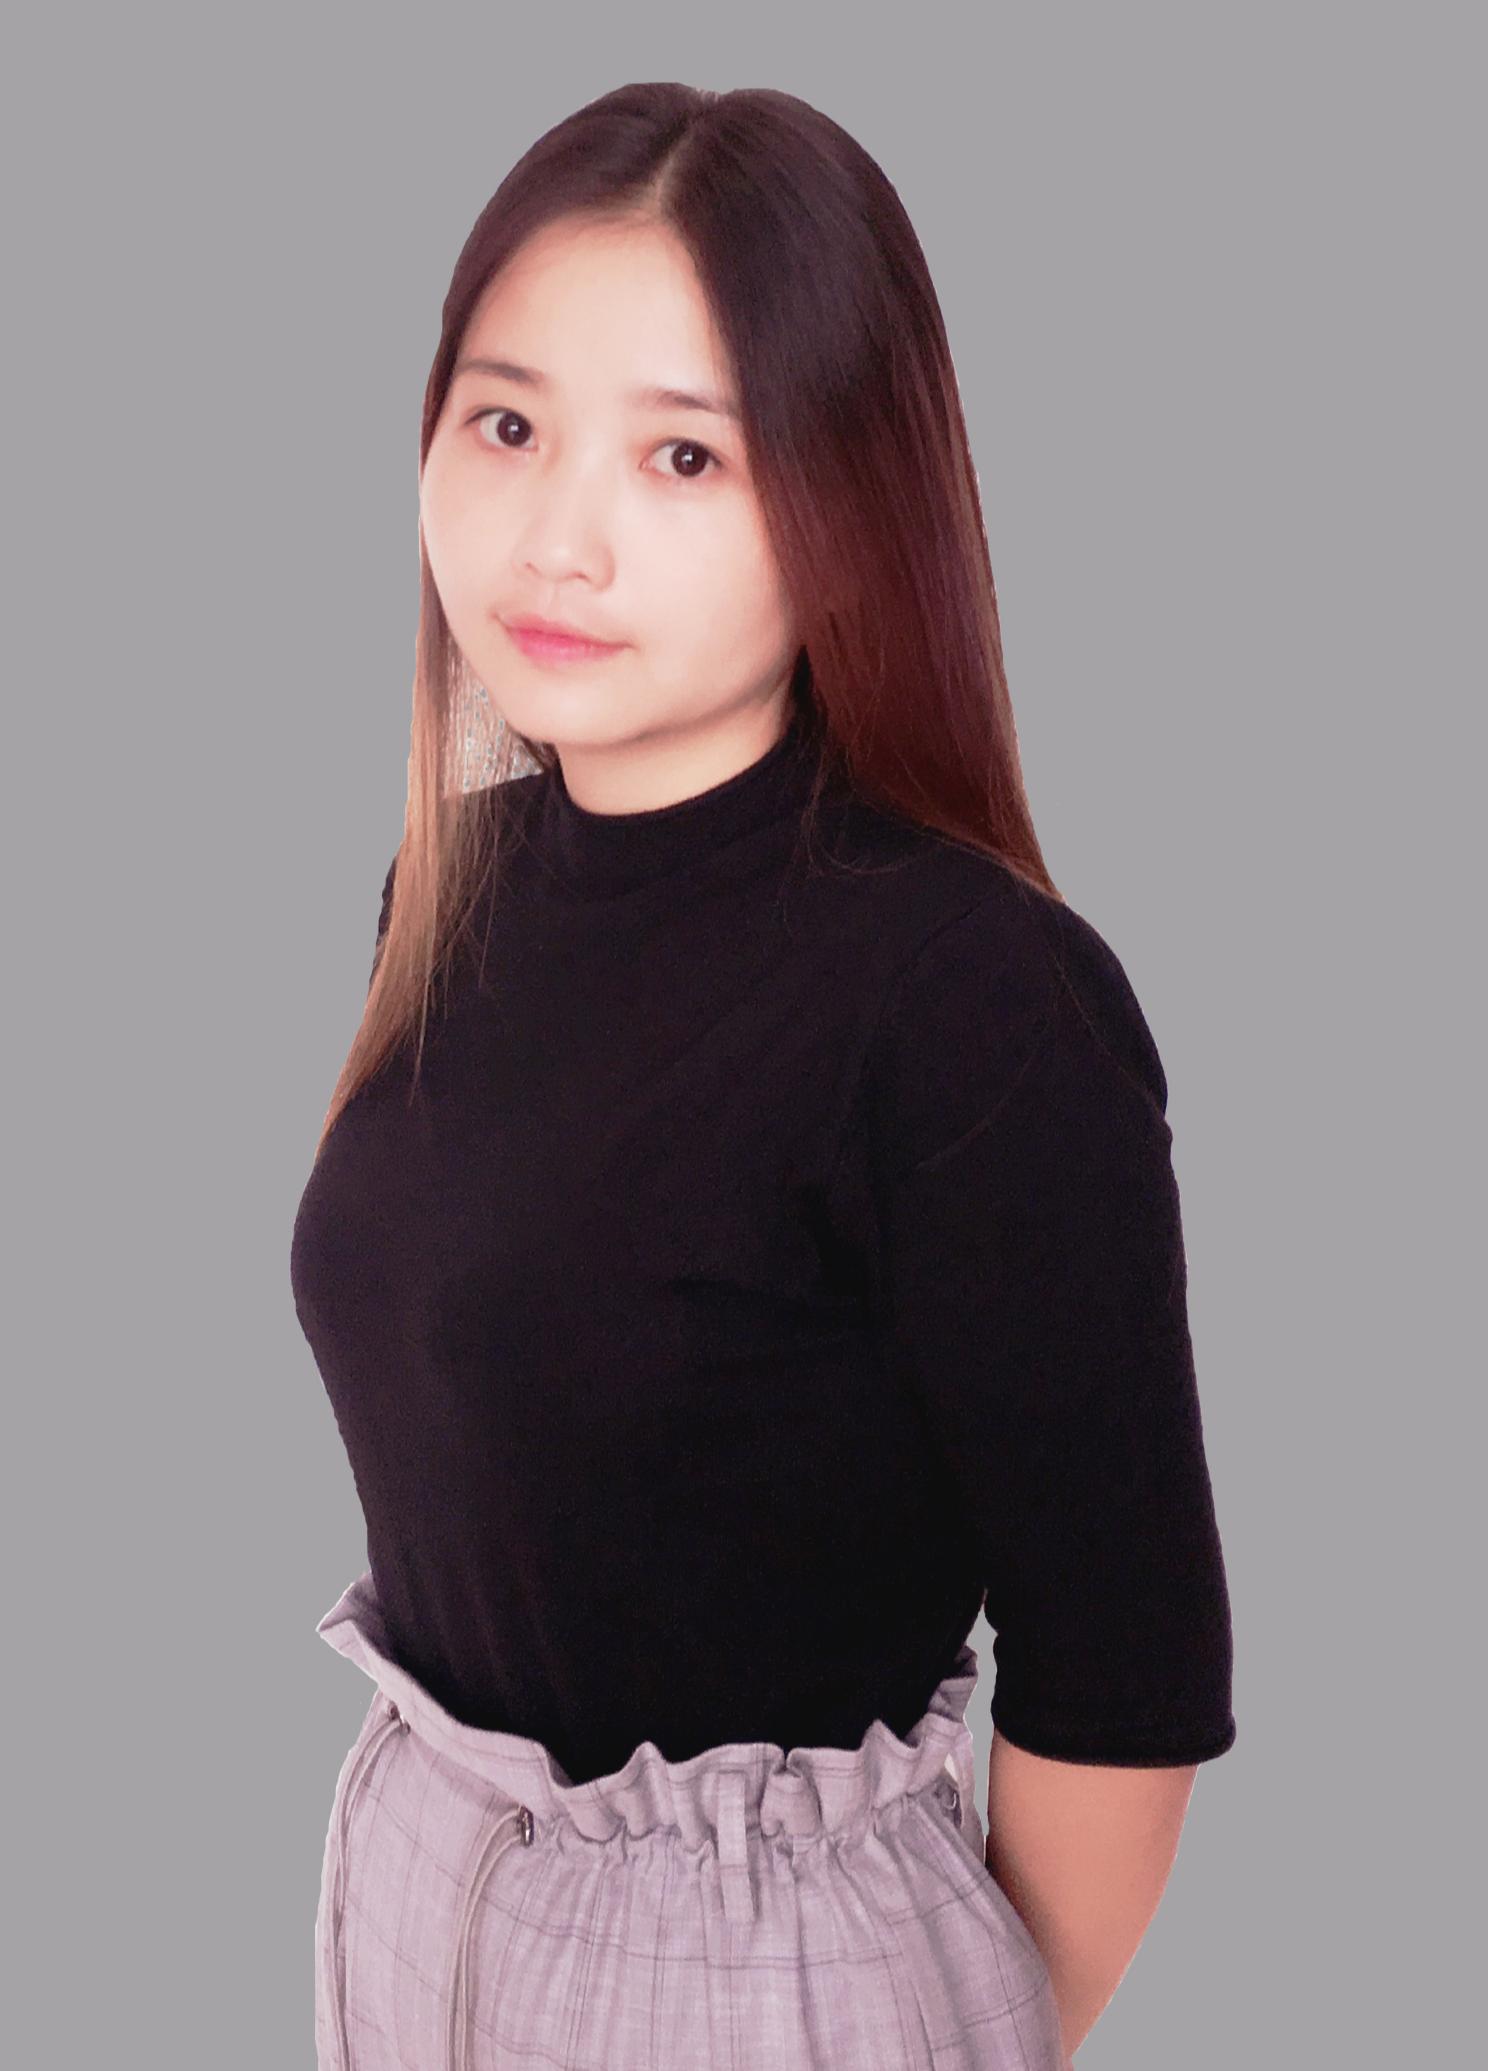 恒久远装饰设计师王雪丽